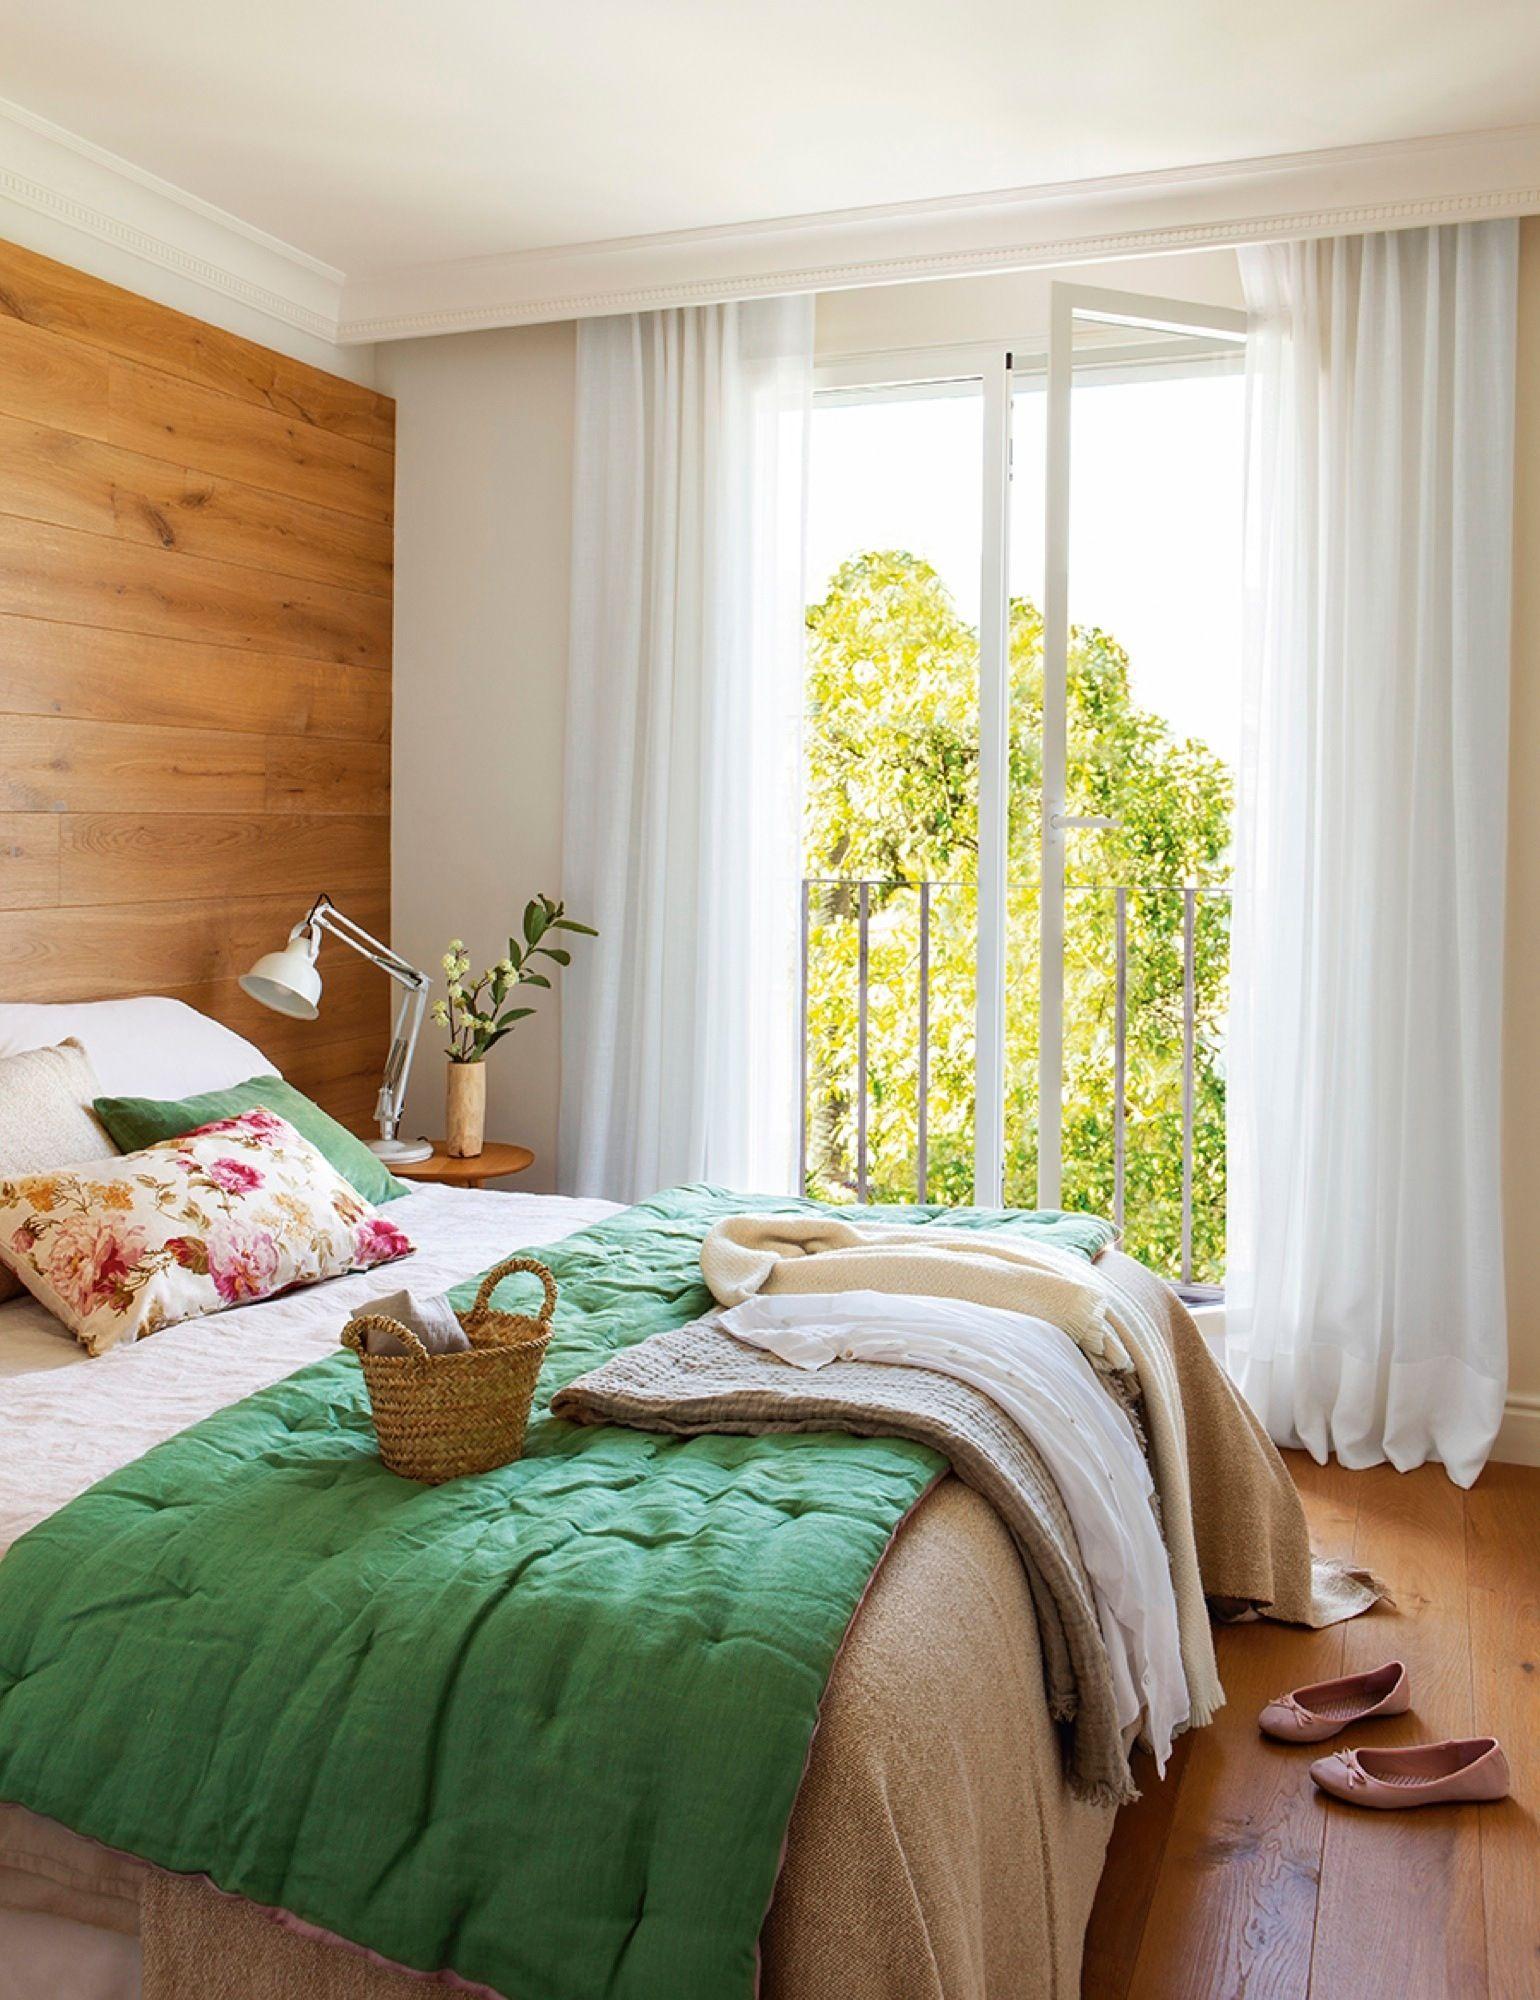 Dormitorio en blanco verde y madera 411719 ideas de - Dormitorios en blanco y madera ...